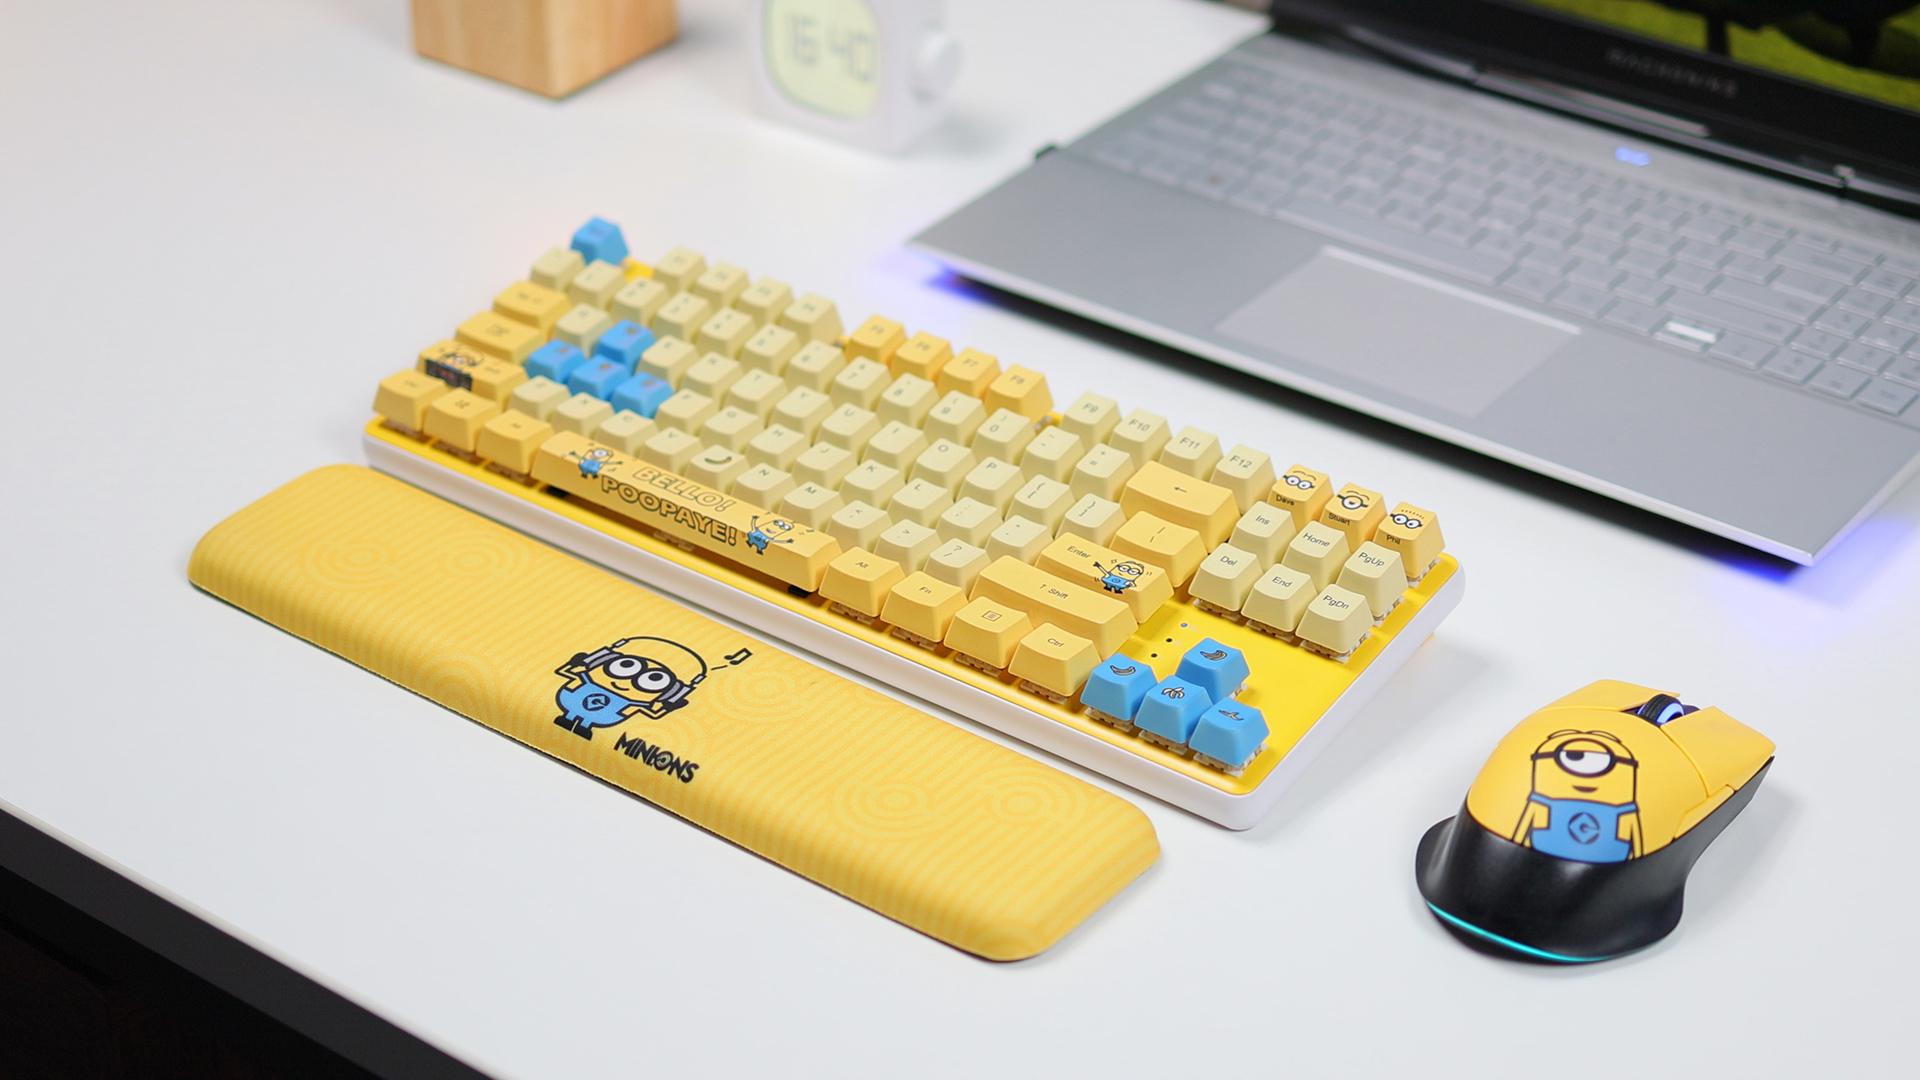 轻电科技 | 机械师小黄人联名键鼠套装体验